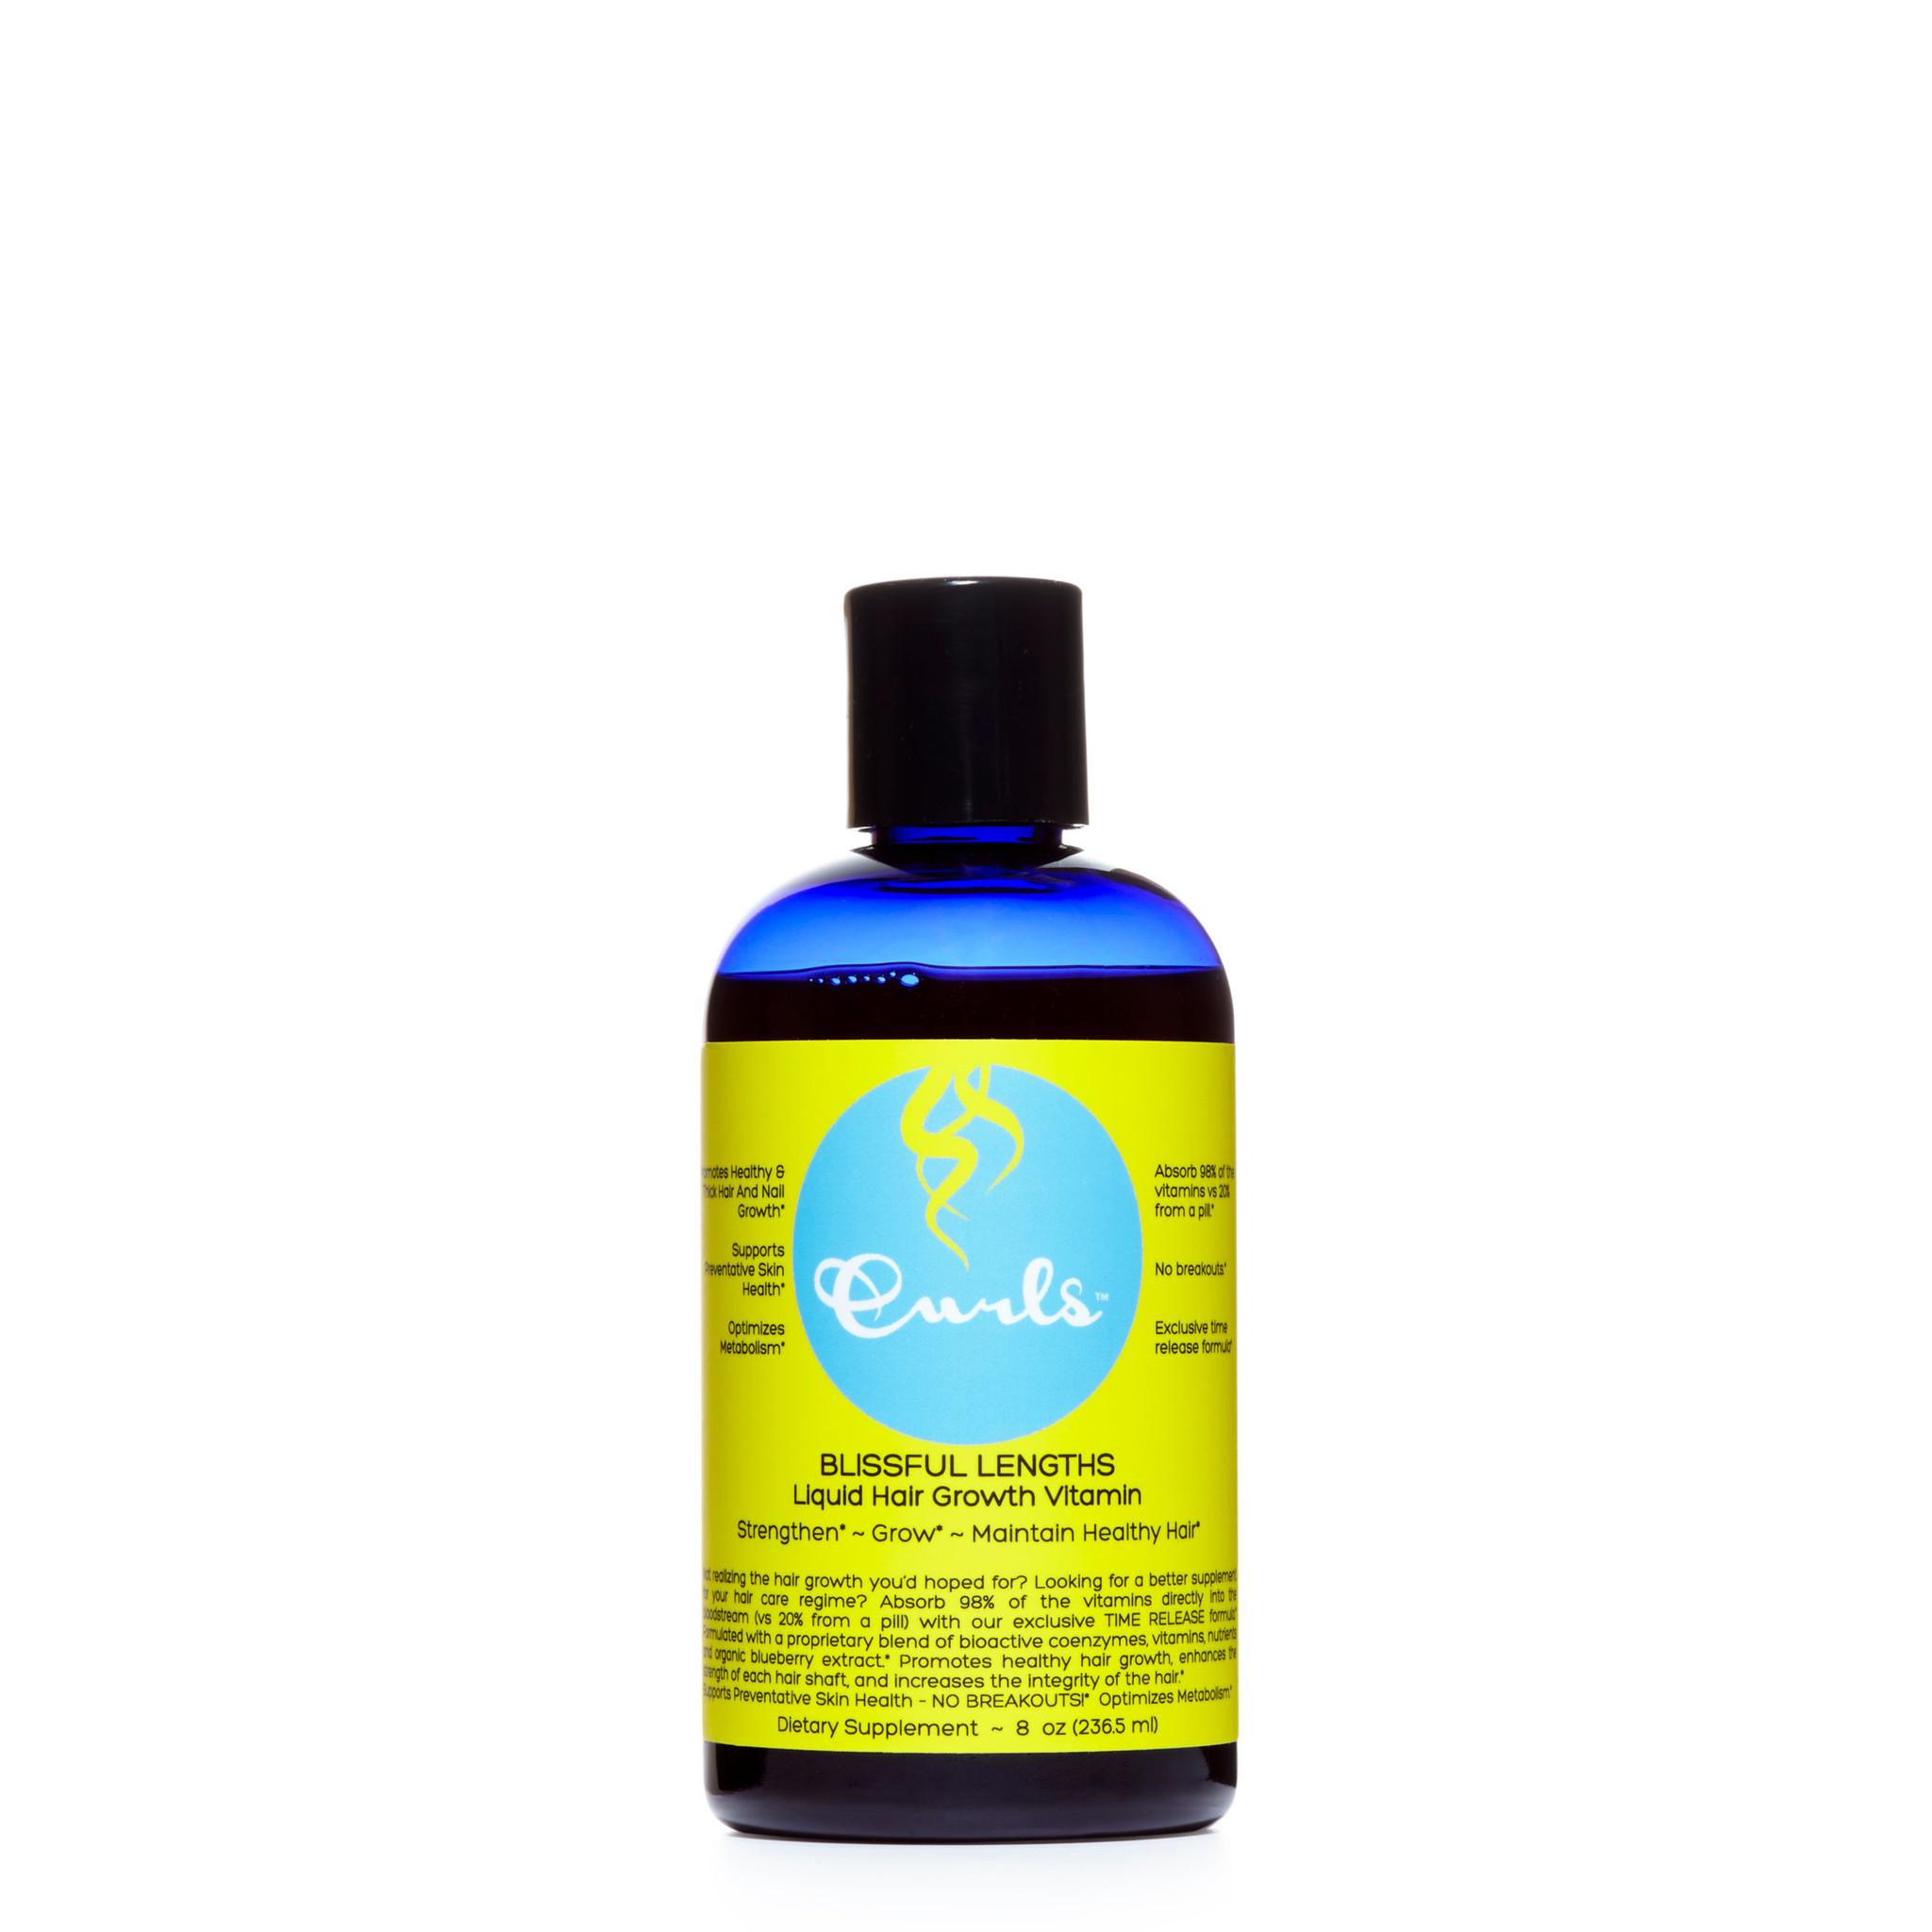 Curls Curls Blissful Lengths Blueberry Liquid Hair Growth Vitamin